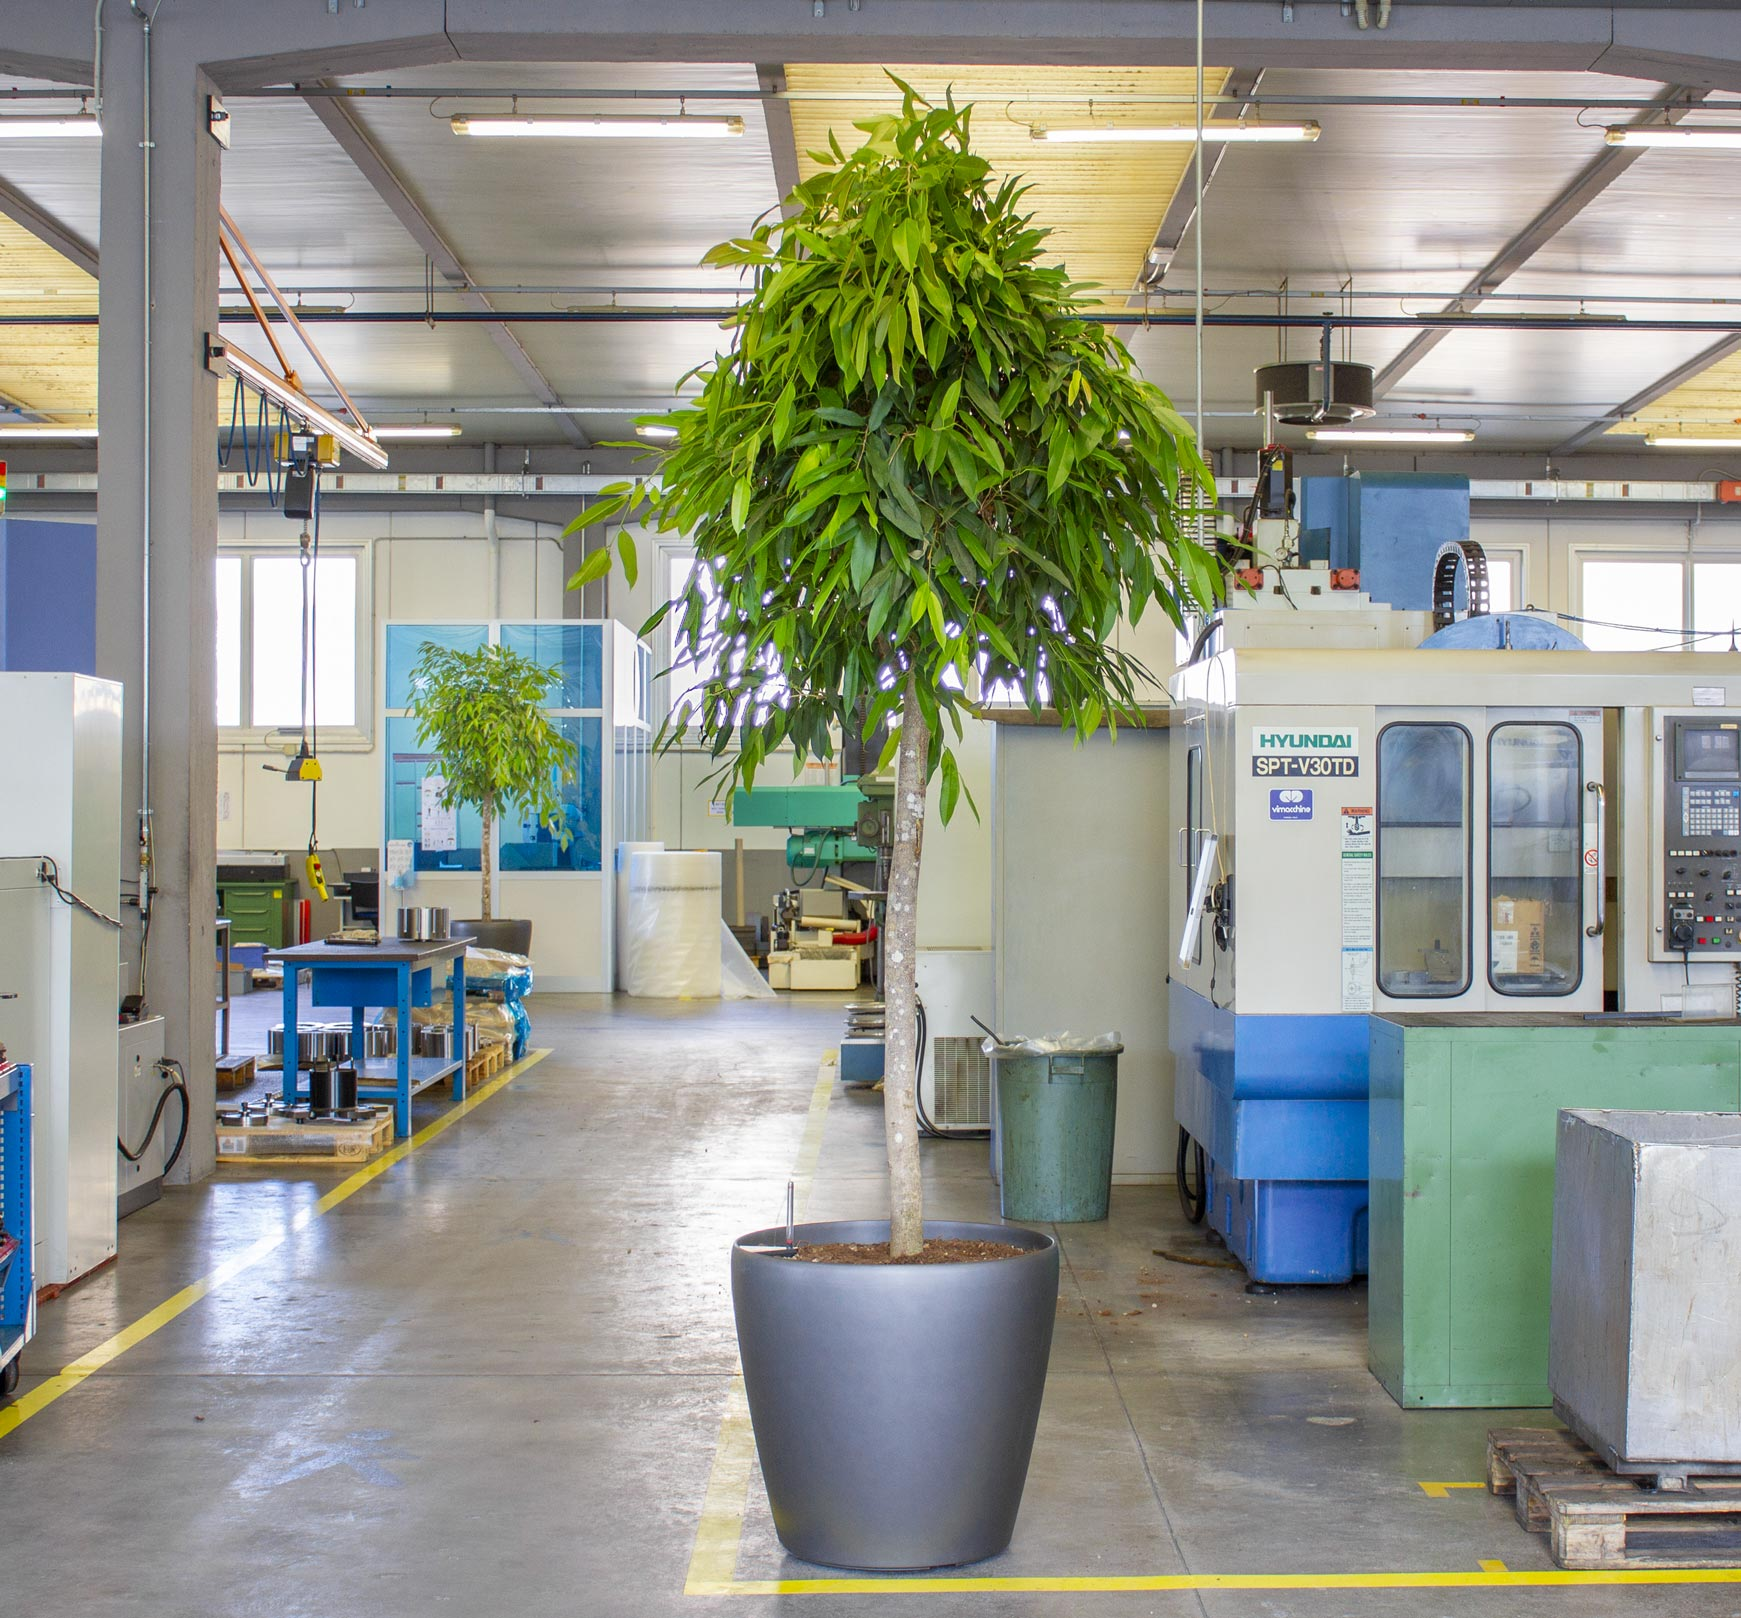 pianta verde dentro un ufficio